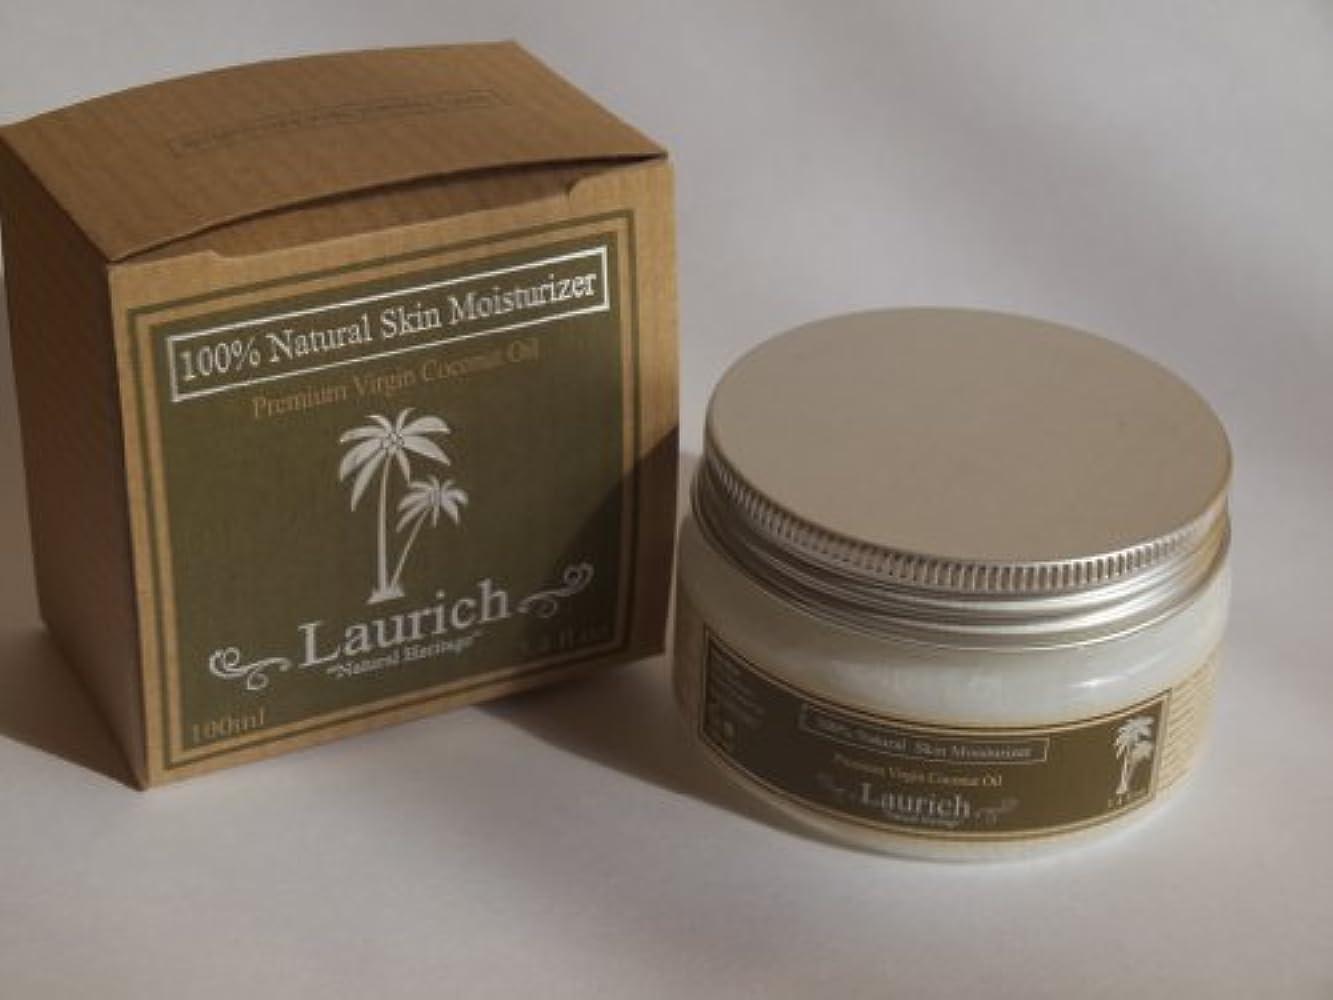 連続的迷惑かみそりLaurich Premium Virgin Coconut Oil 100ml